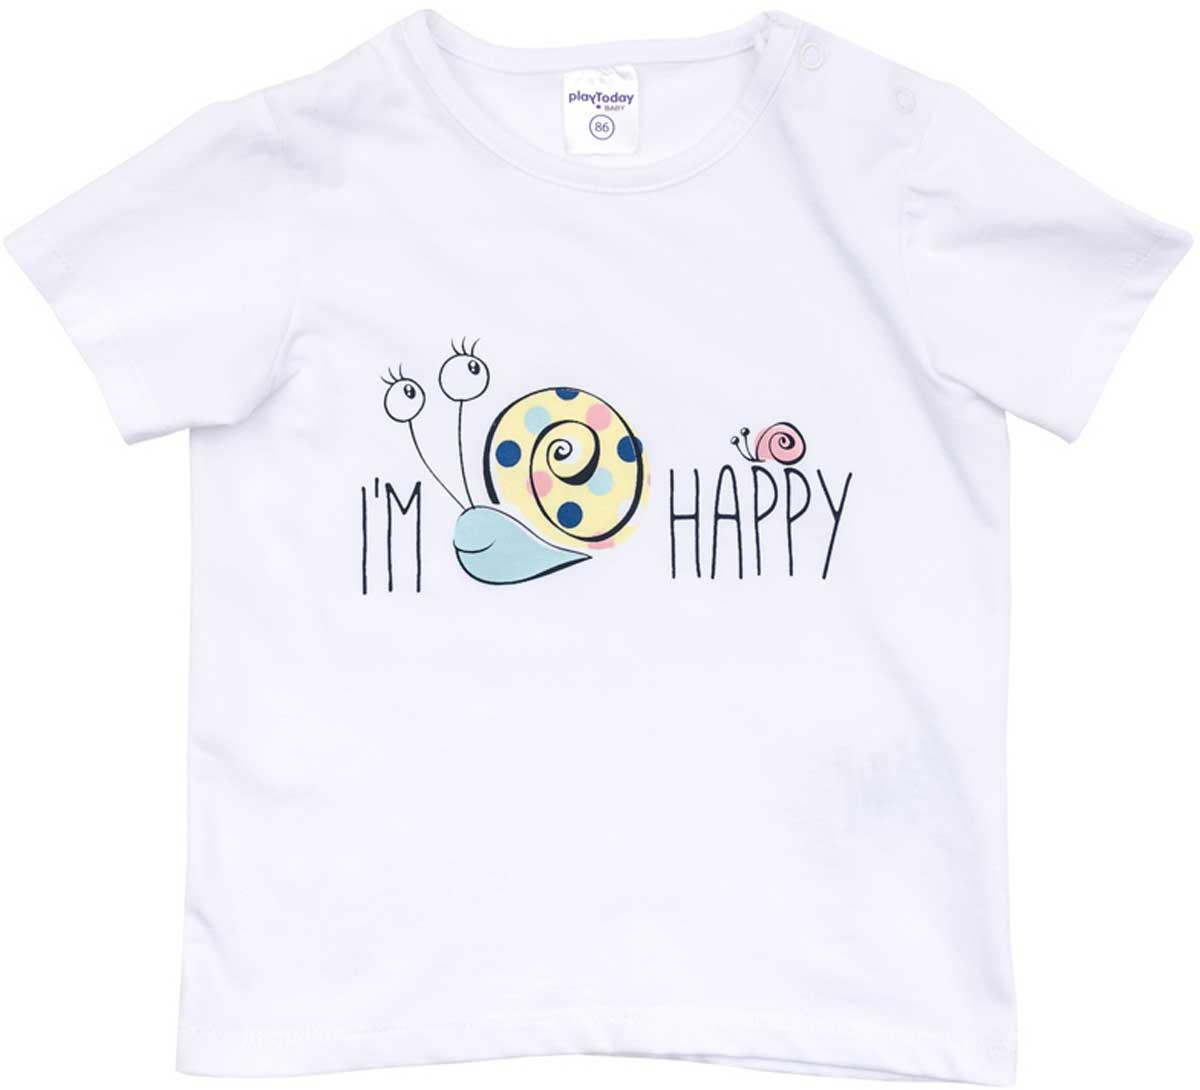 Футболка178074Футболка для девочки PlayToday выполнена из хлопка и эластана. Модель с круглым вырезом горловины и короткими рукавами оформлена оригинальным принтом.